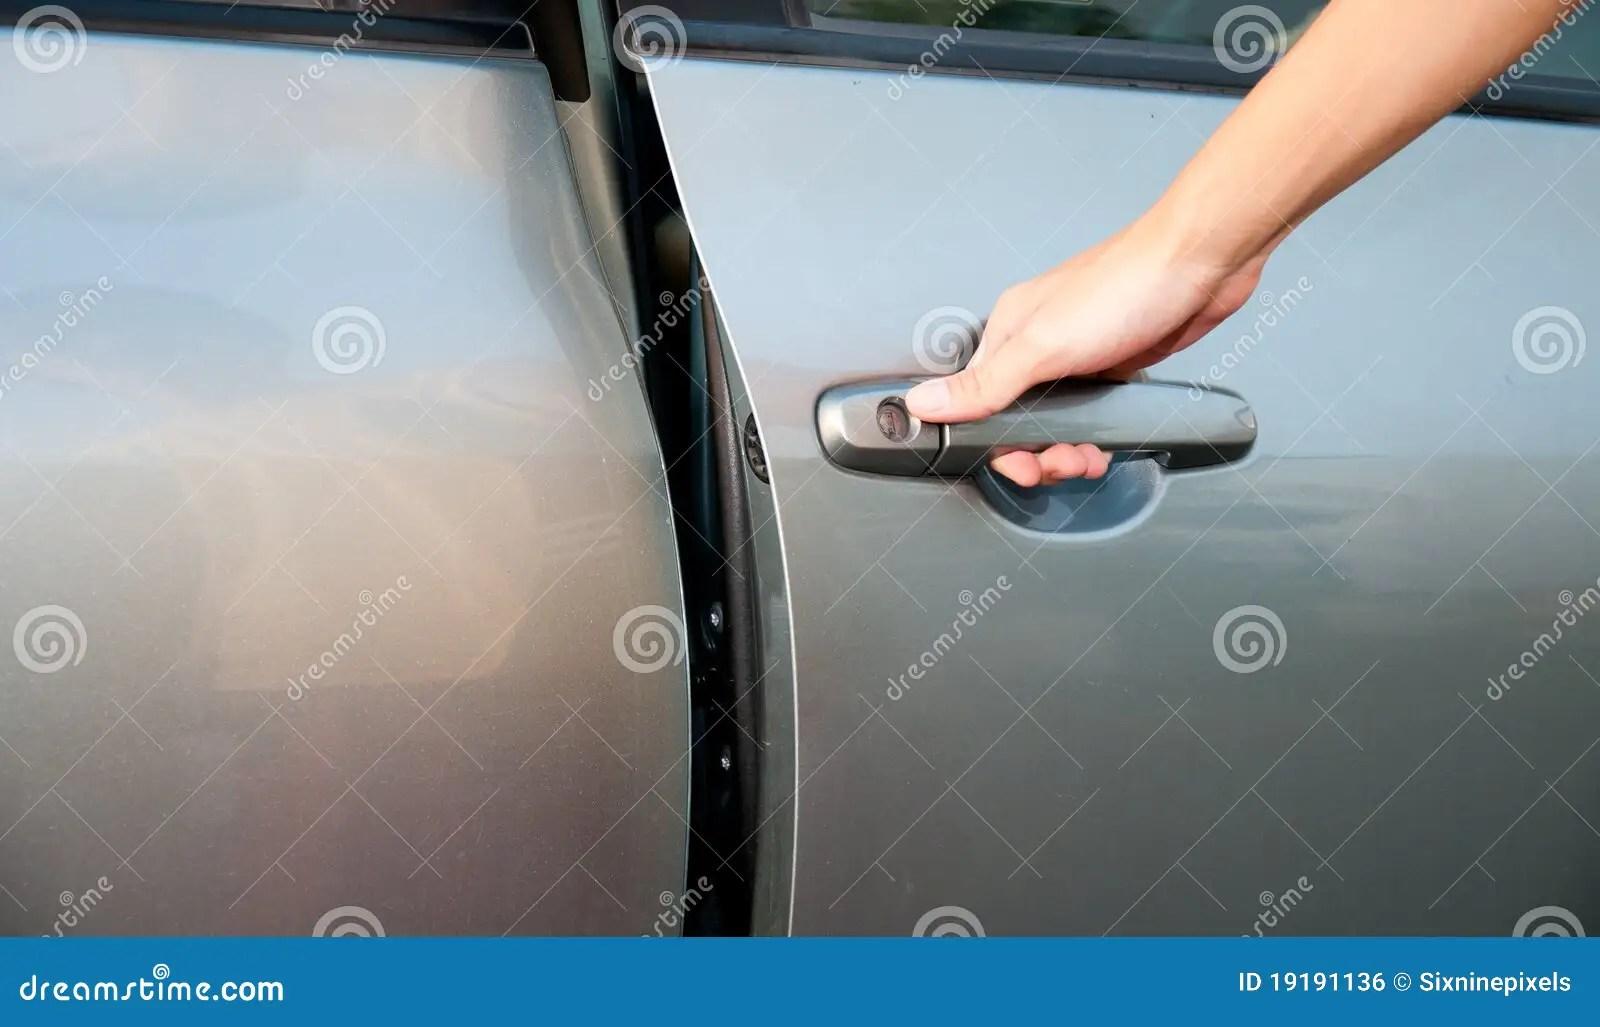 open car door stock